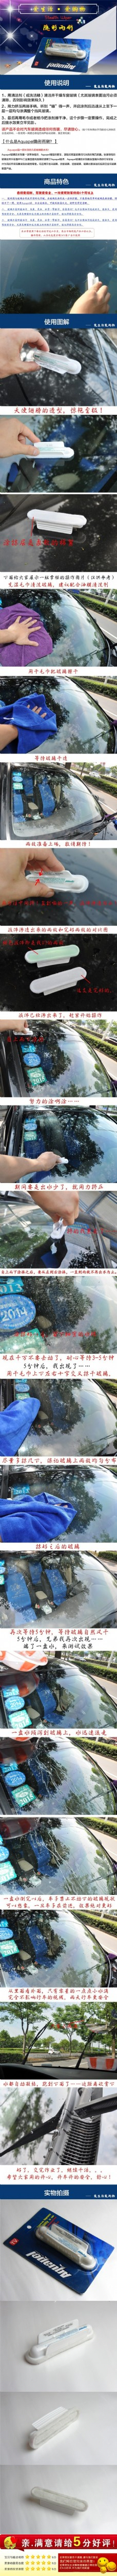 车载 汽车 小刷子 隐形雨刷 车镜保护